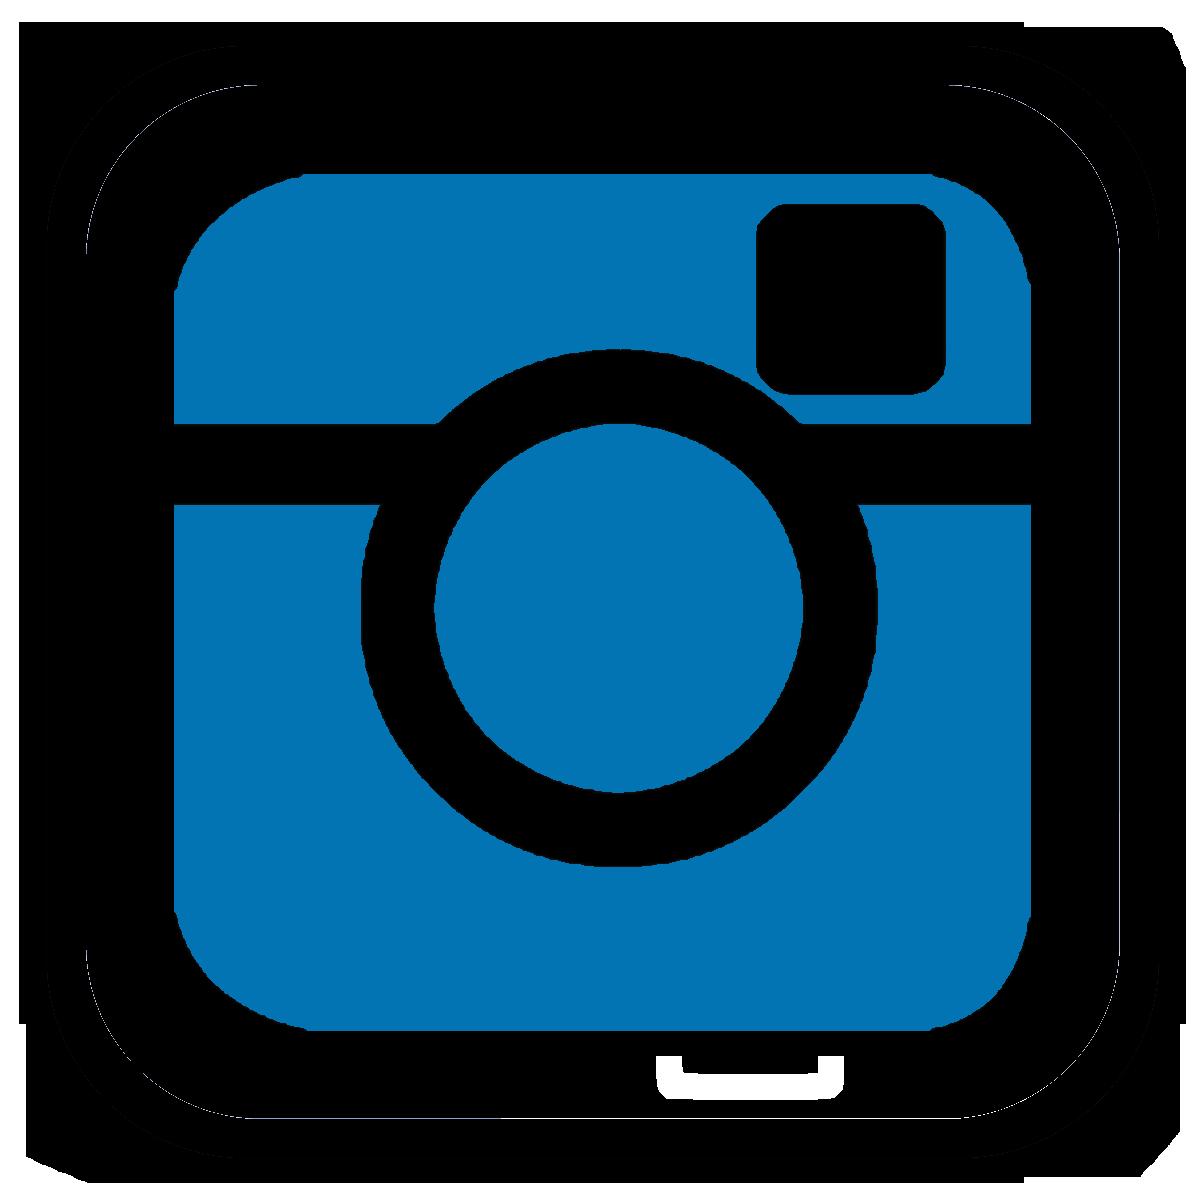 Instagram clipart transparent svg freeuse download Instagram Logo Transparent clipart free image svg freeuse download